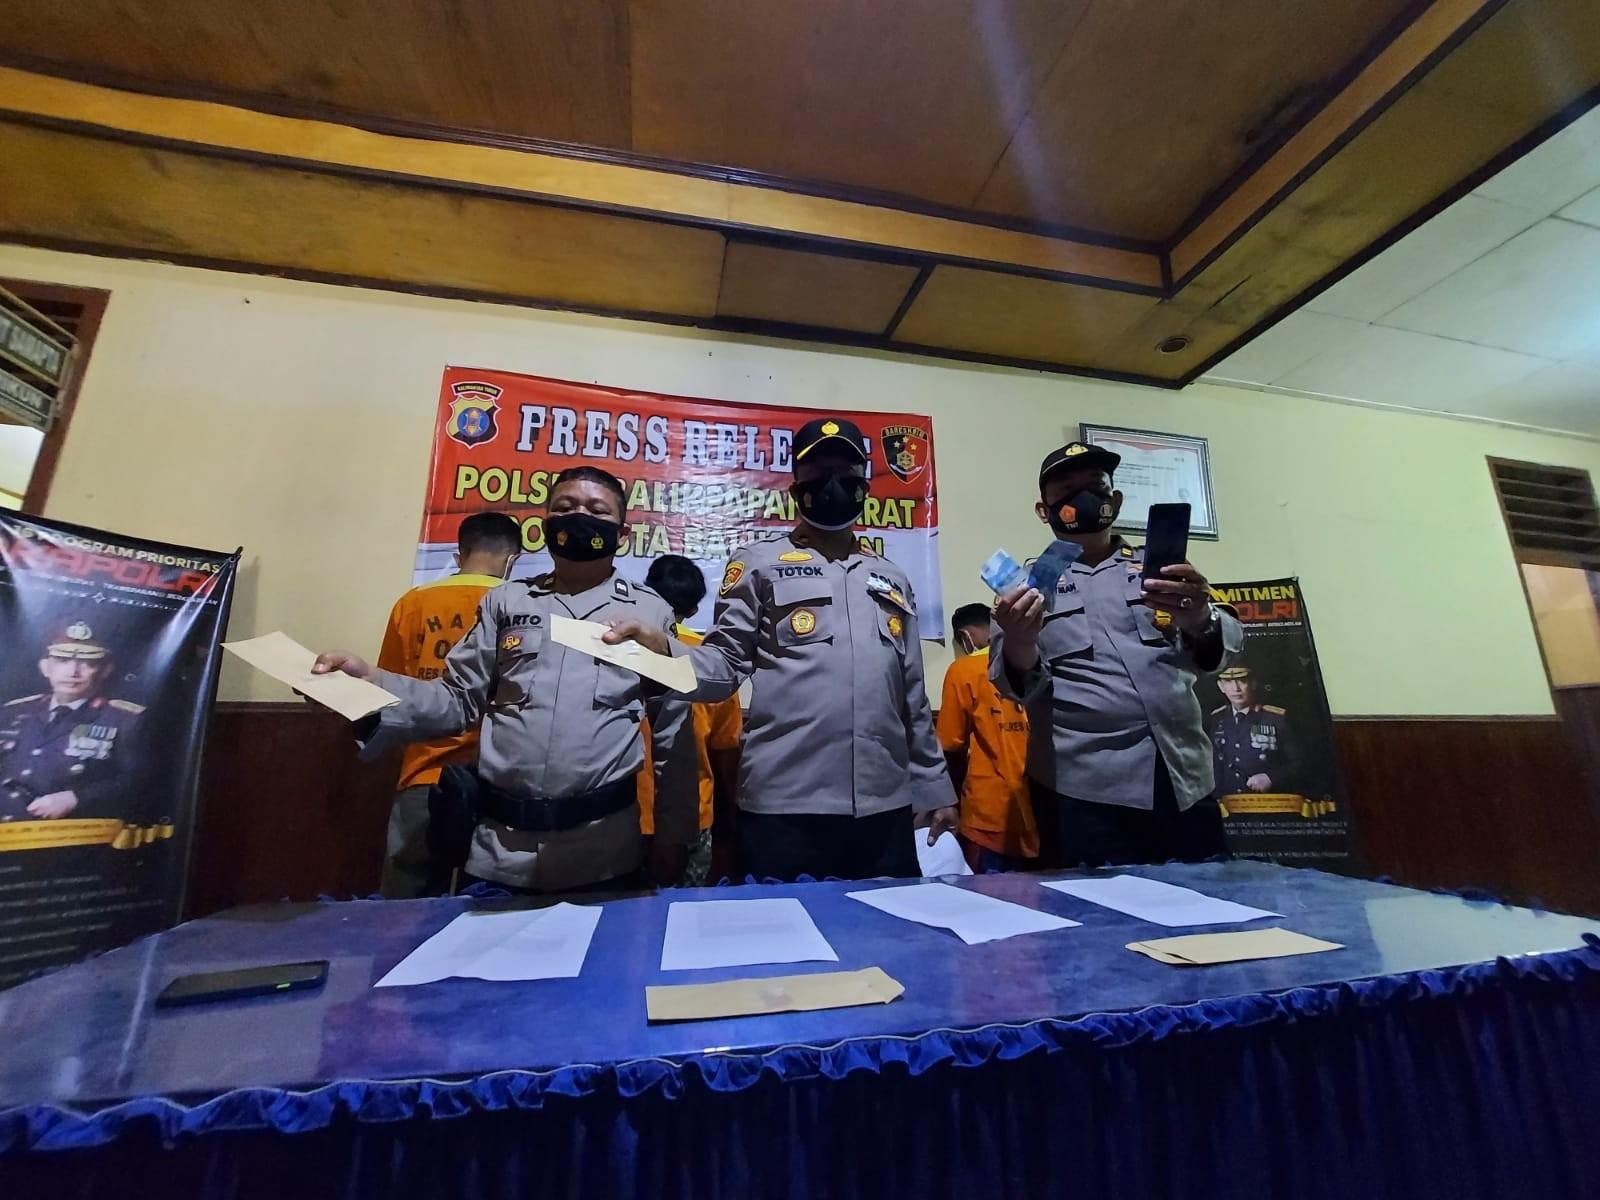 Polisi Amankan Empat Pria di Kampung Baru, Kedapatan Sabu Saat Patroli